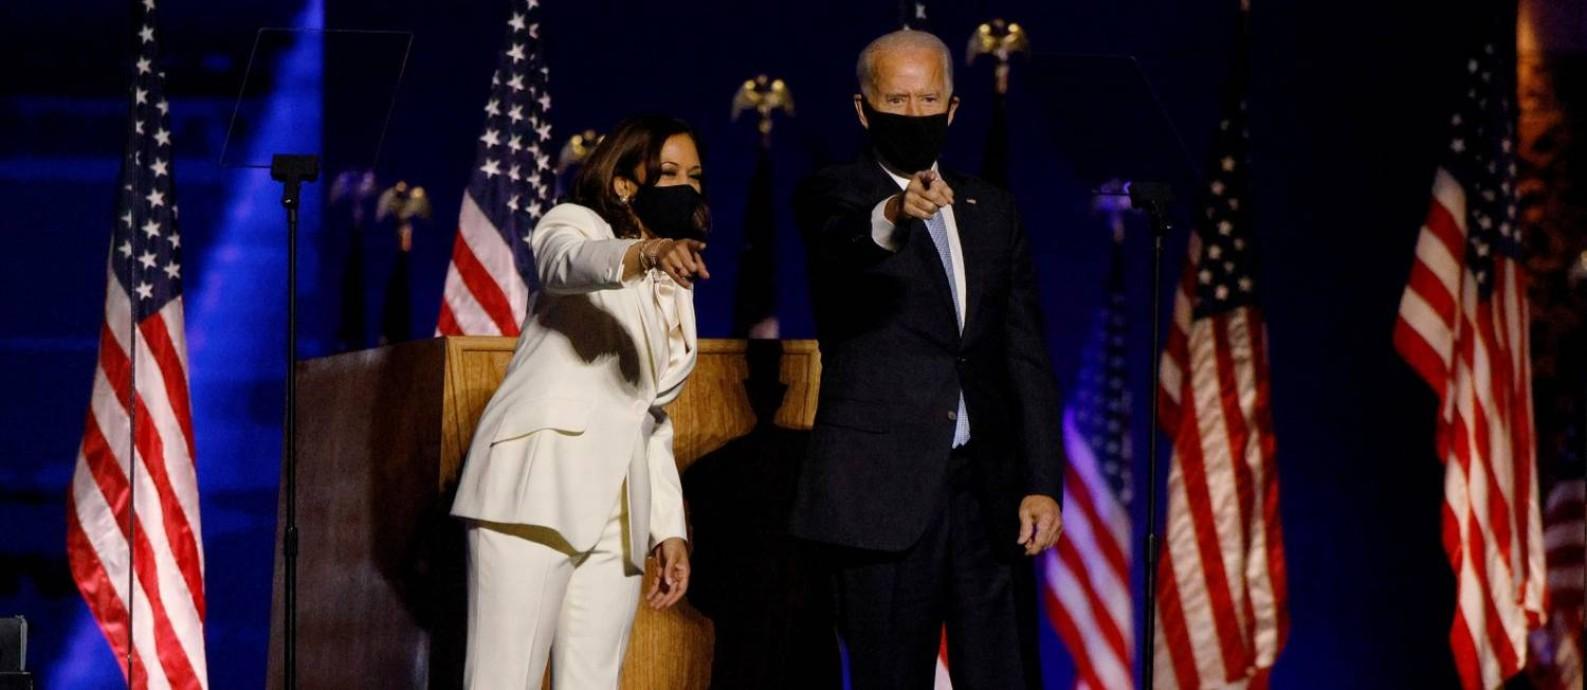 Os candidatos da chapa democrata, vencedora das eleições presidenciais americana de 2020, Kamala Harris e Joe Biden Foto: JIM BOURG / REUTERS